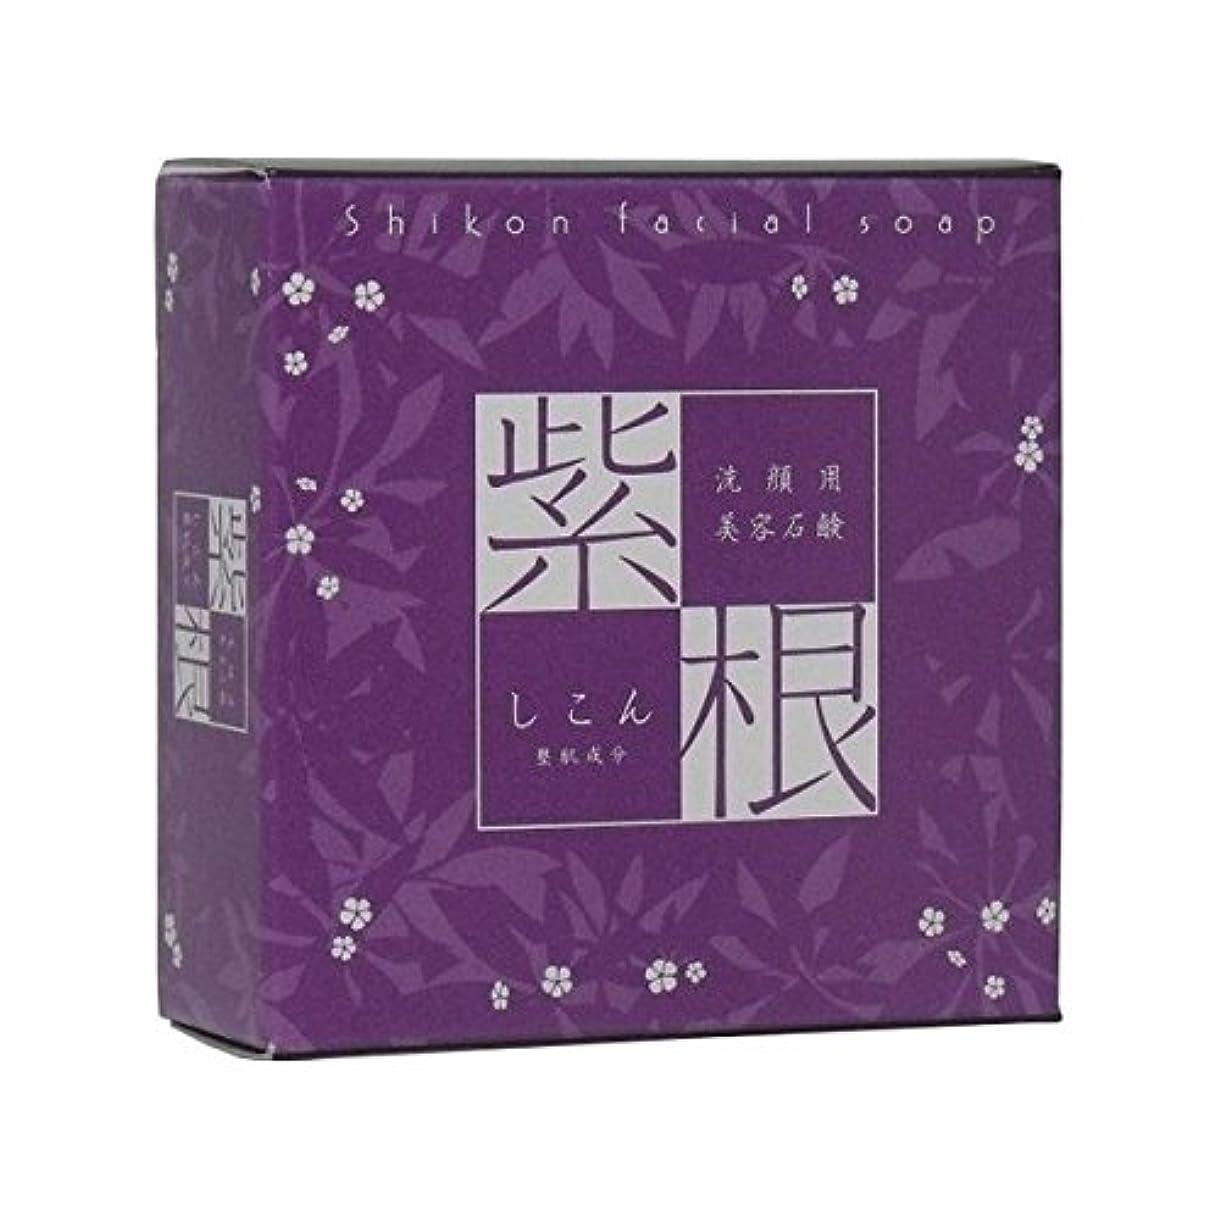 千オリエンテーションモッキンバード紫根石鹸110g(オリジナル泡立てネット付き)3個セット【魔女たちの22時で話題!】